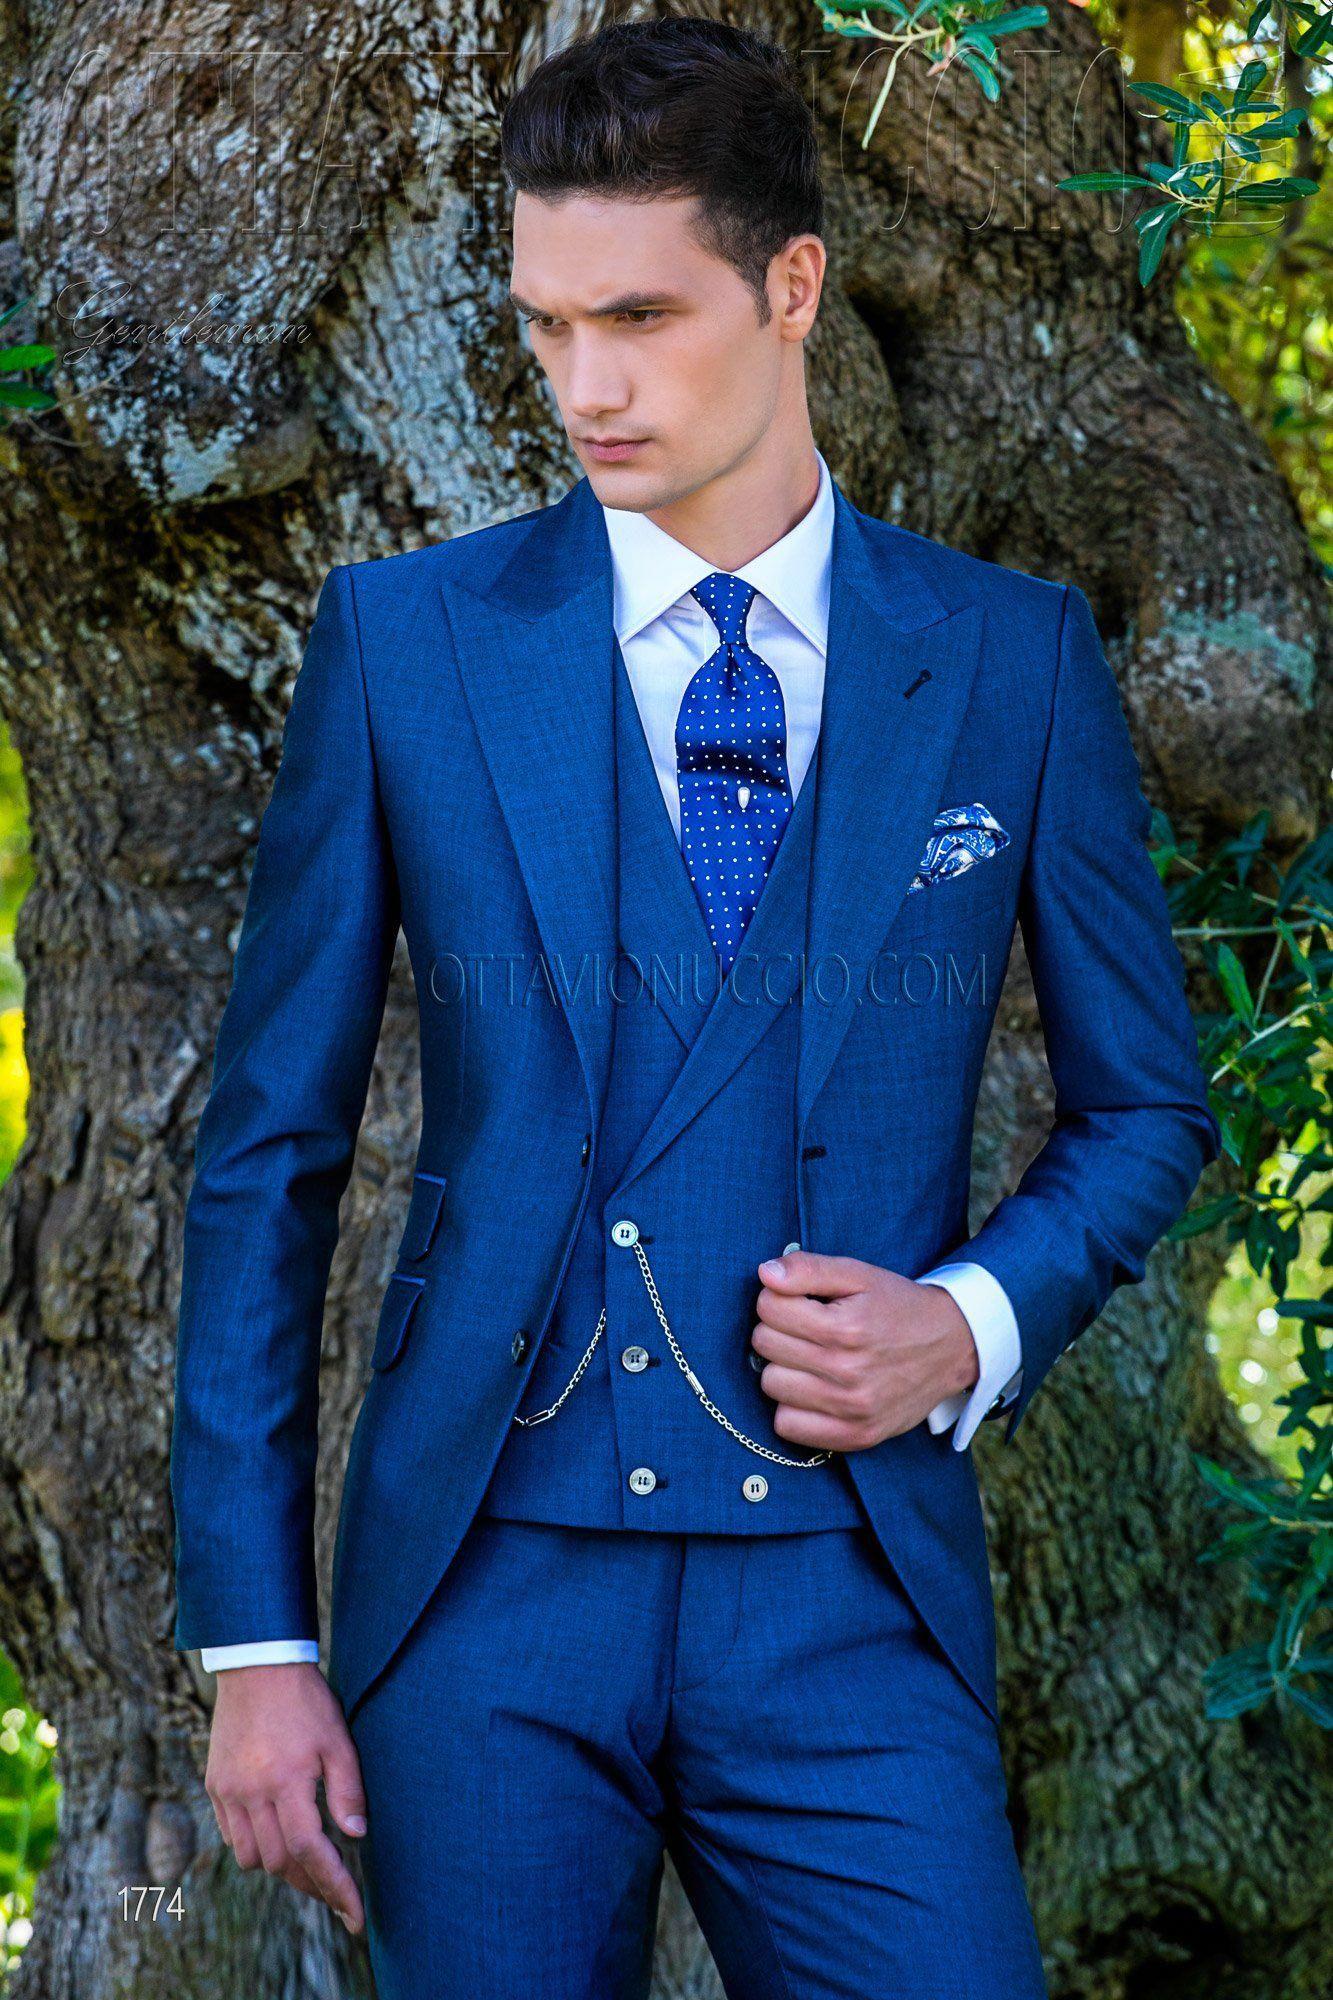 Slim Fit Royal Blue Peak Lapel Formal Suit Luxury Menswear